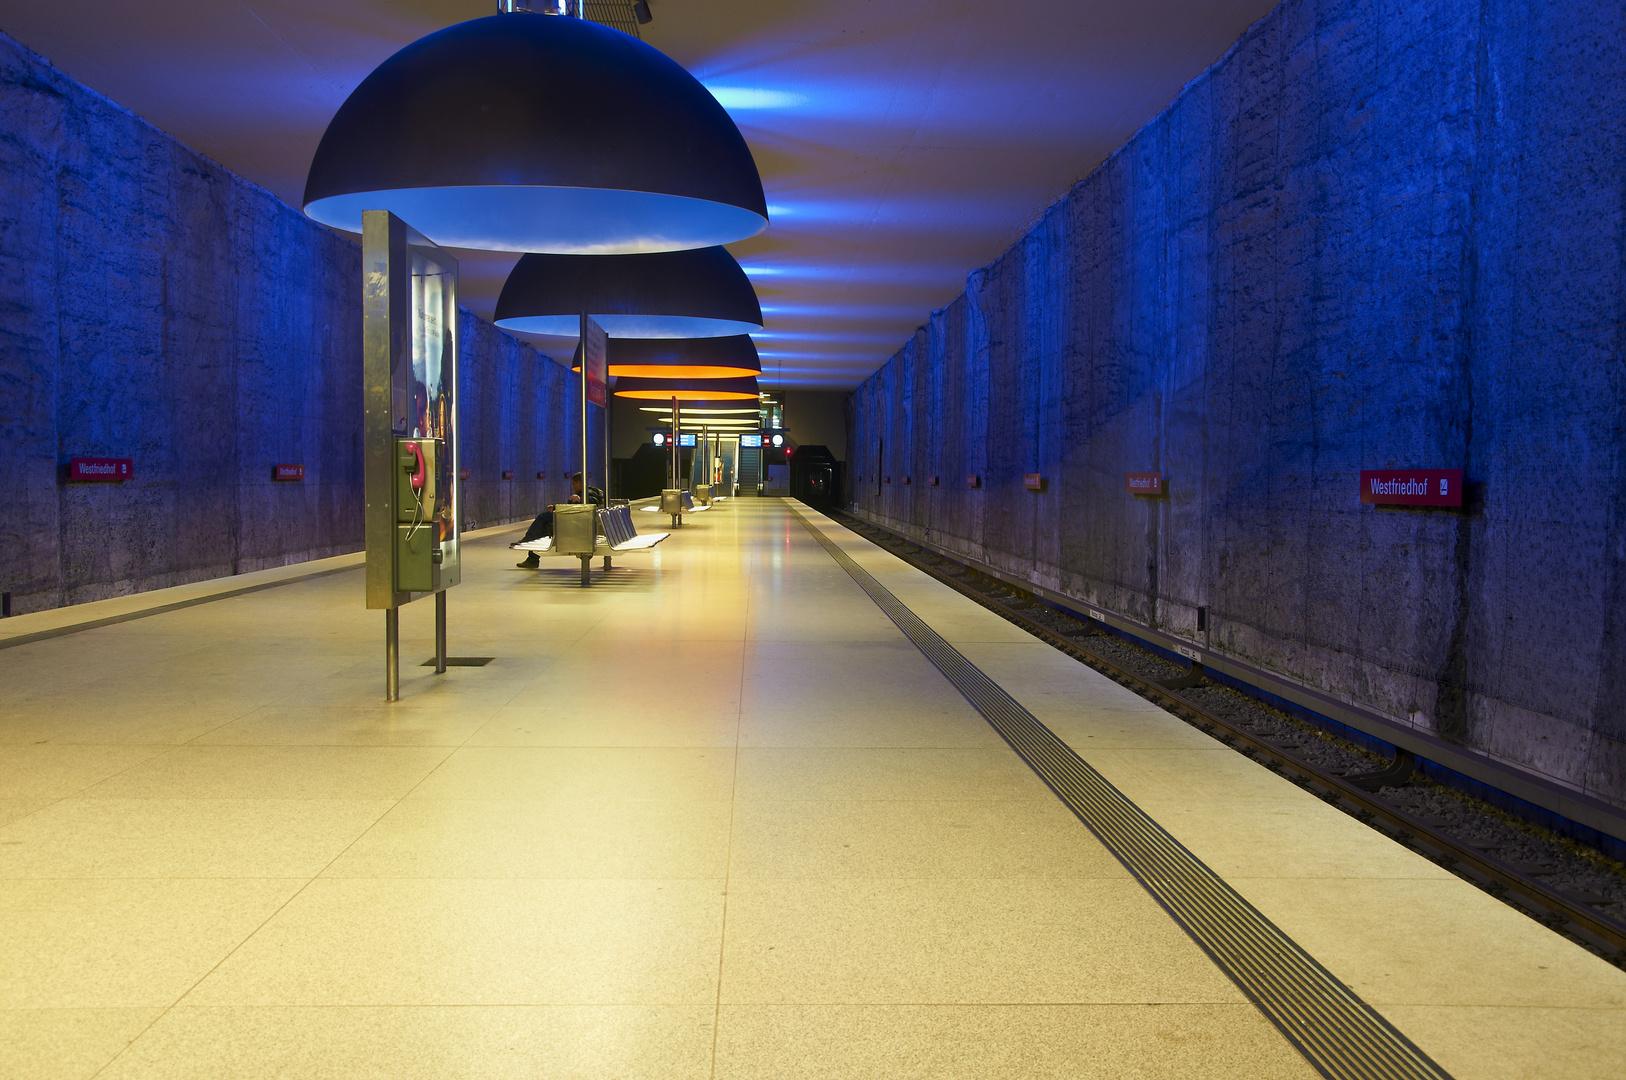 U-Bahn Station Westfriedhof München II